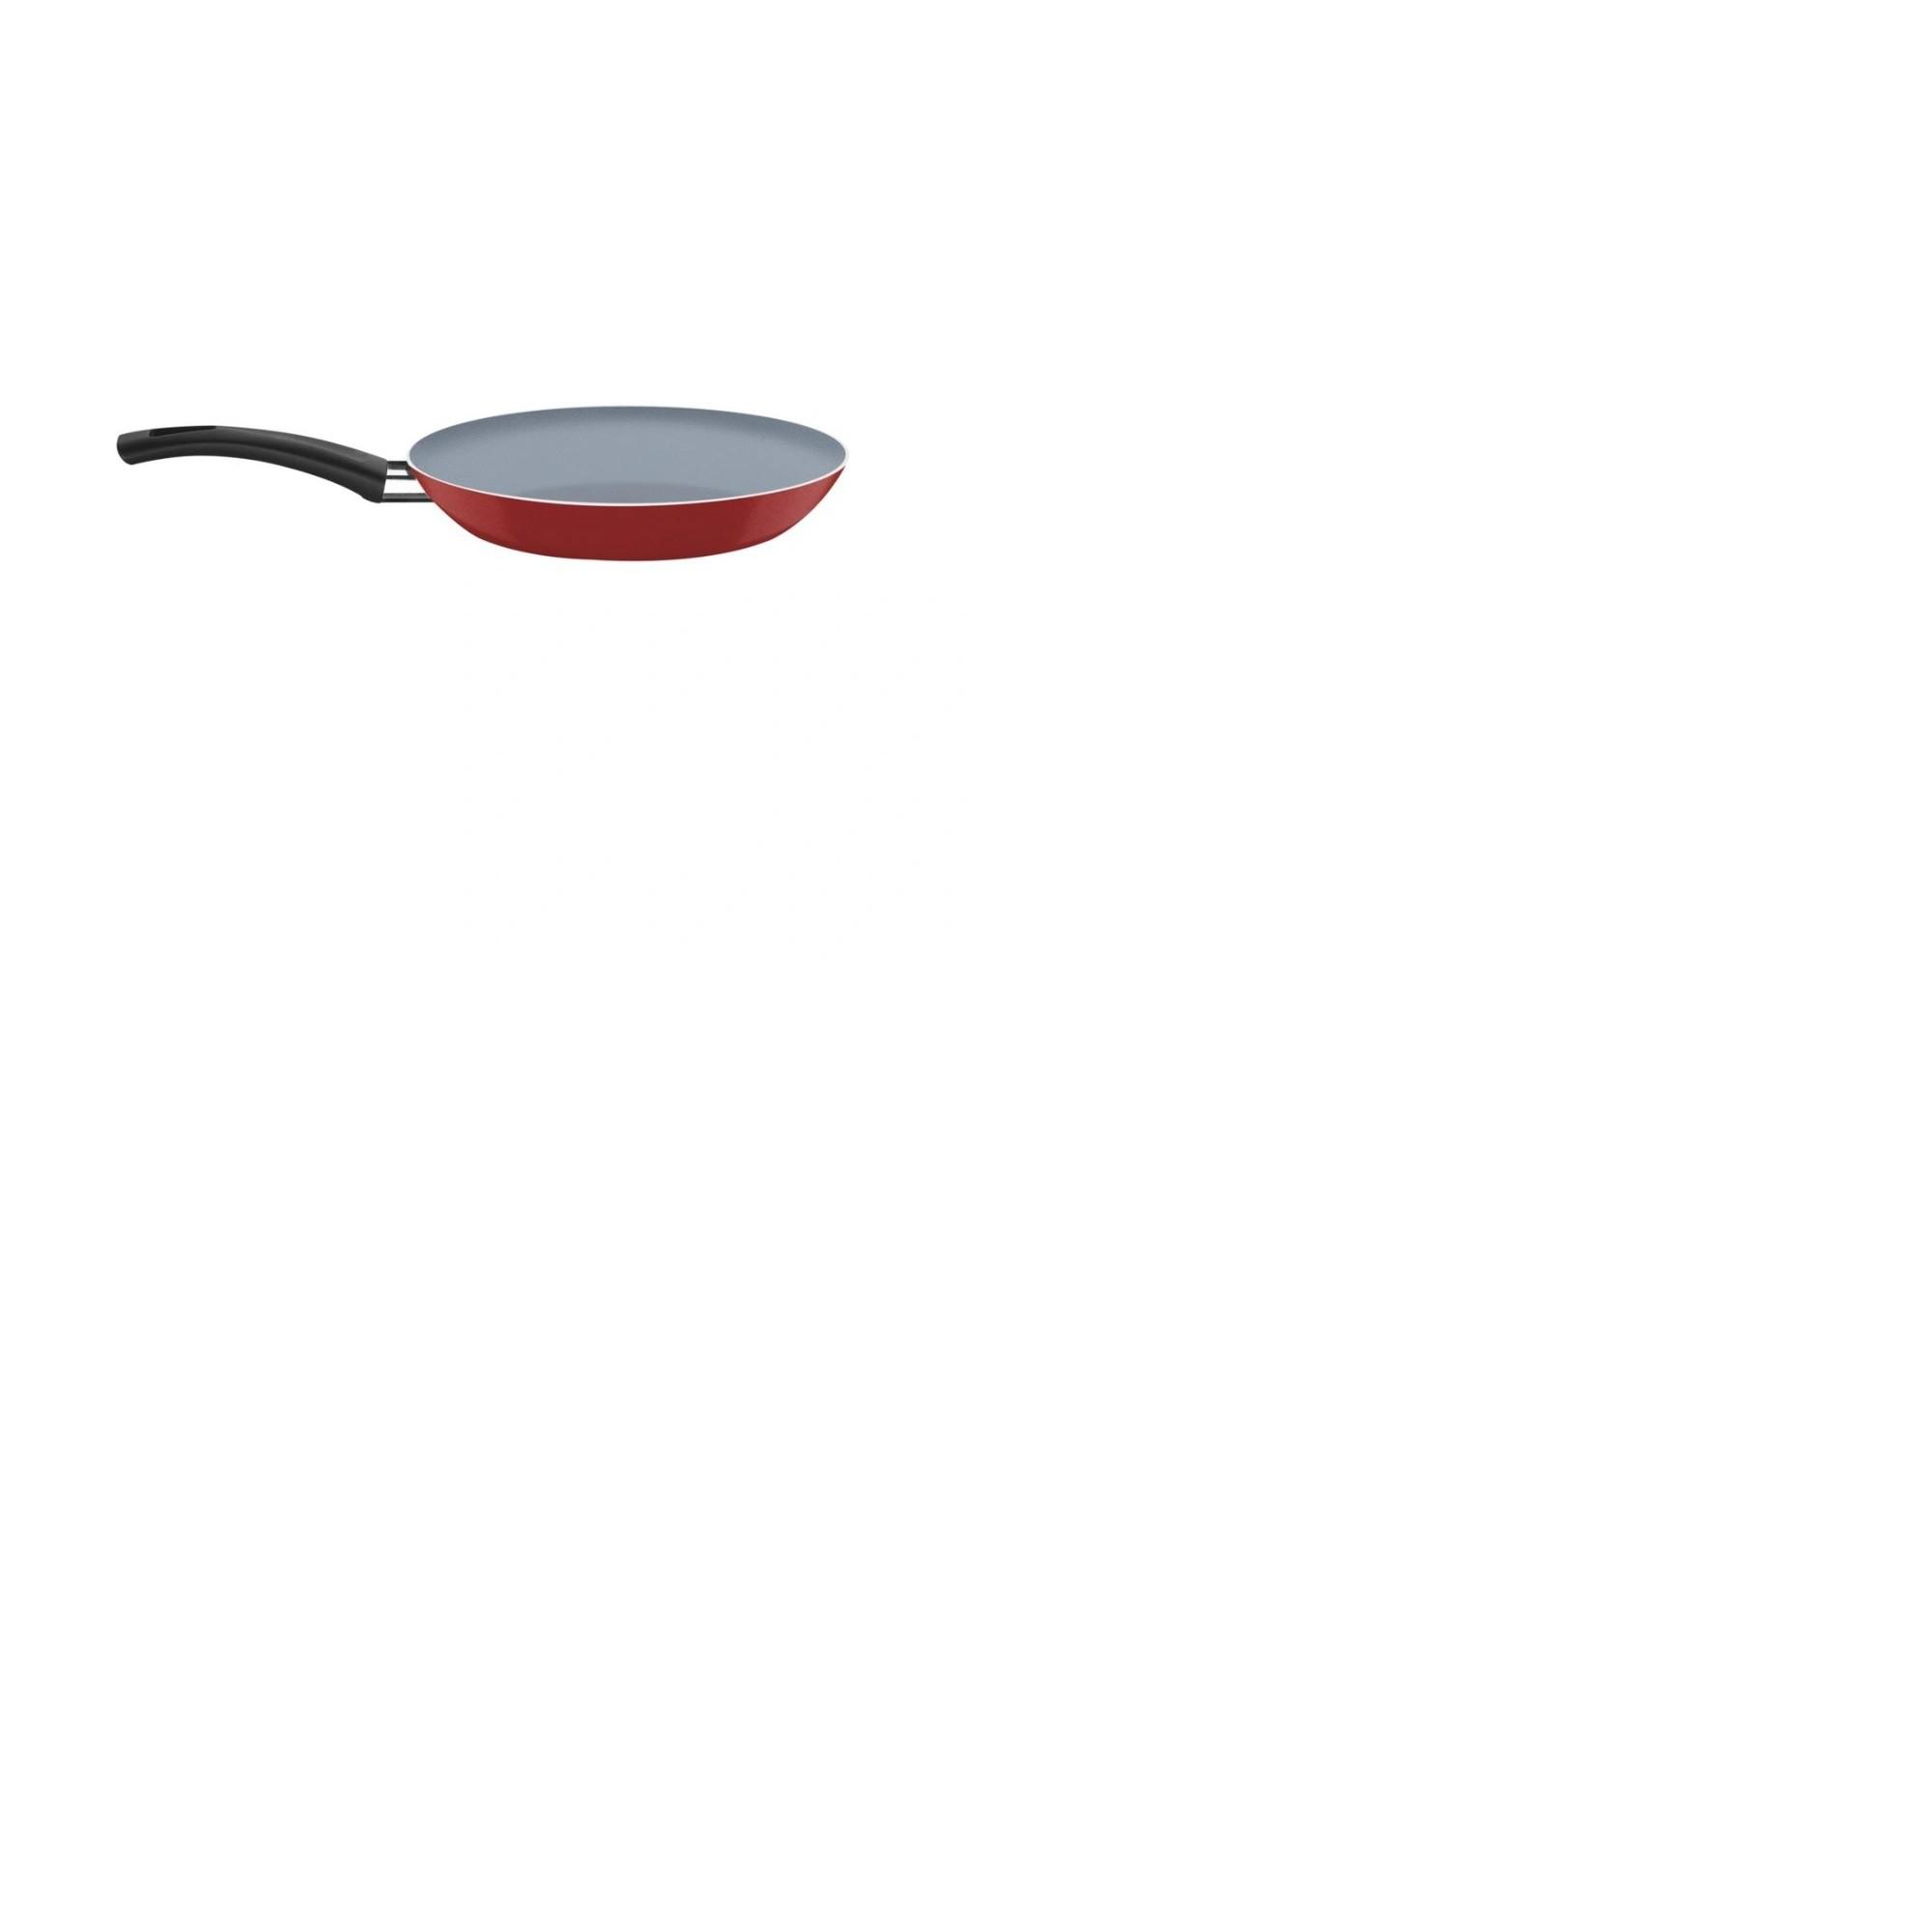 Frigideira Com Revestimento Interno Cerâmico e Externo em Silicone Vermelho 20 cm 0,8 L Tramontina